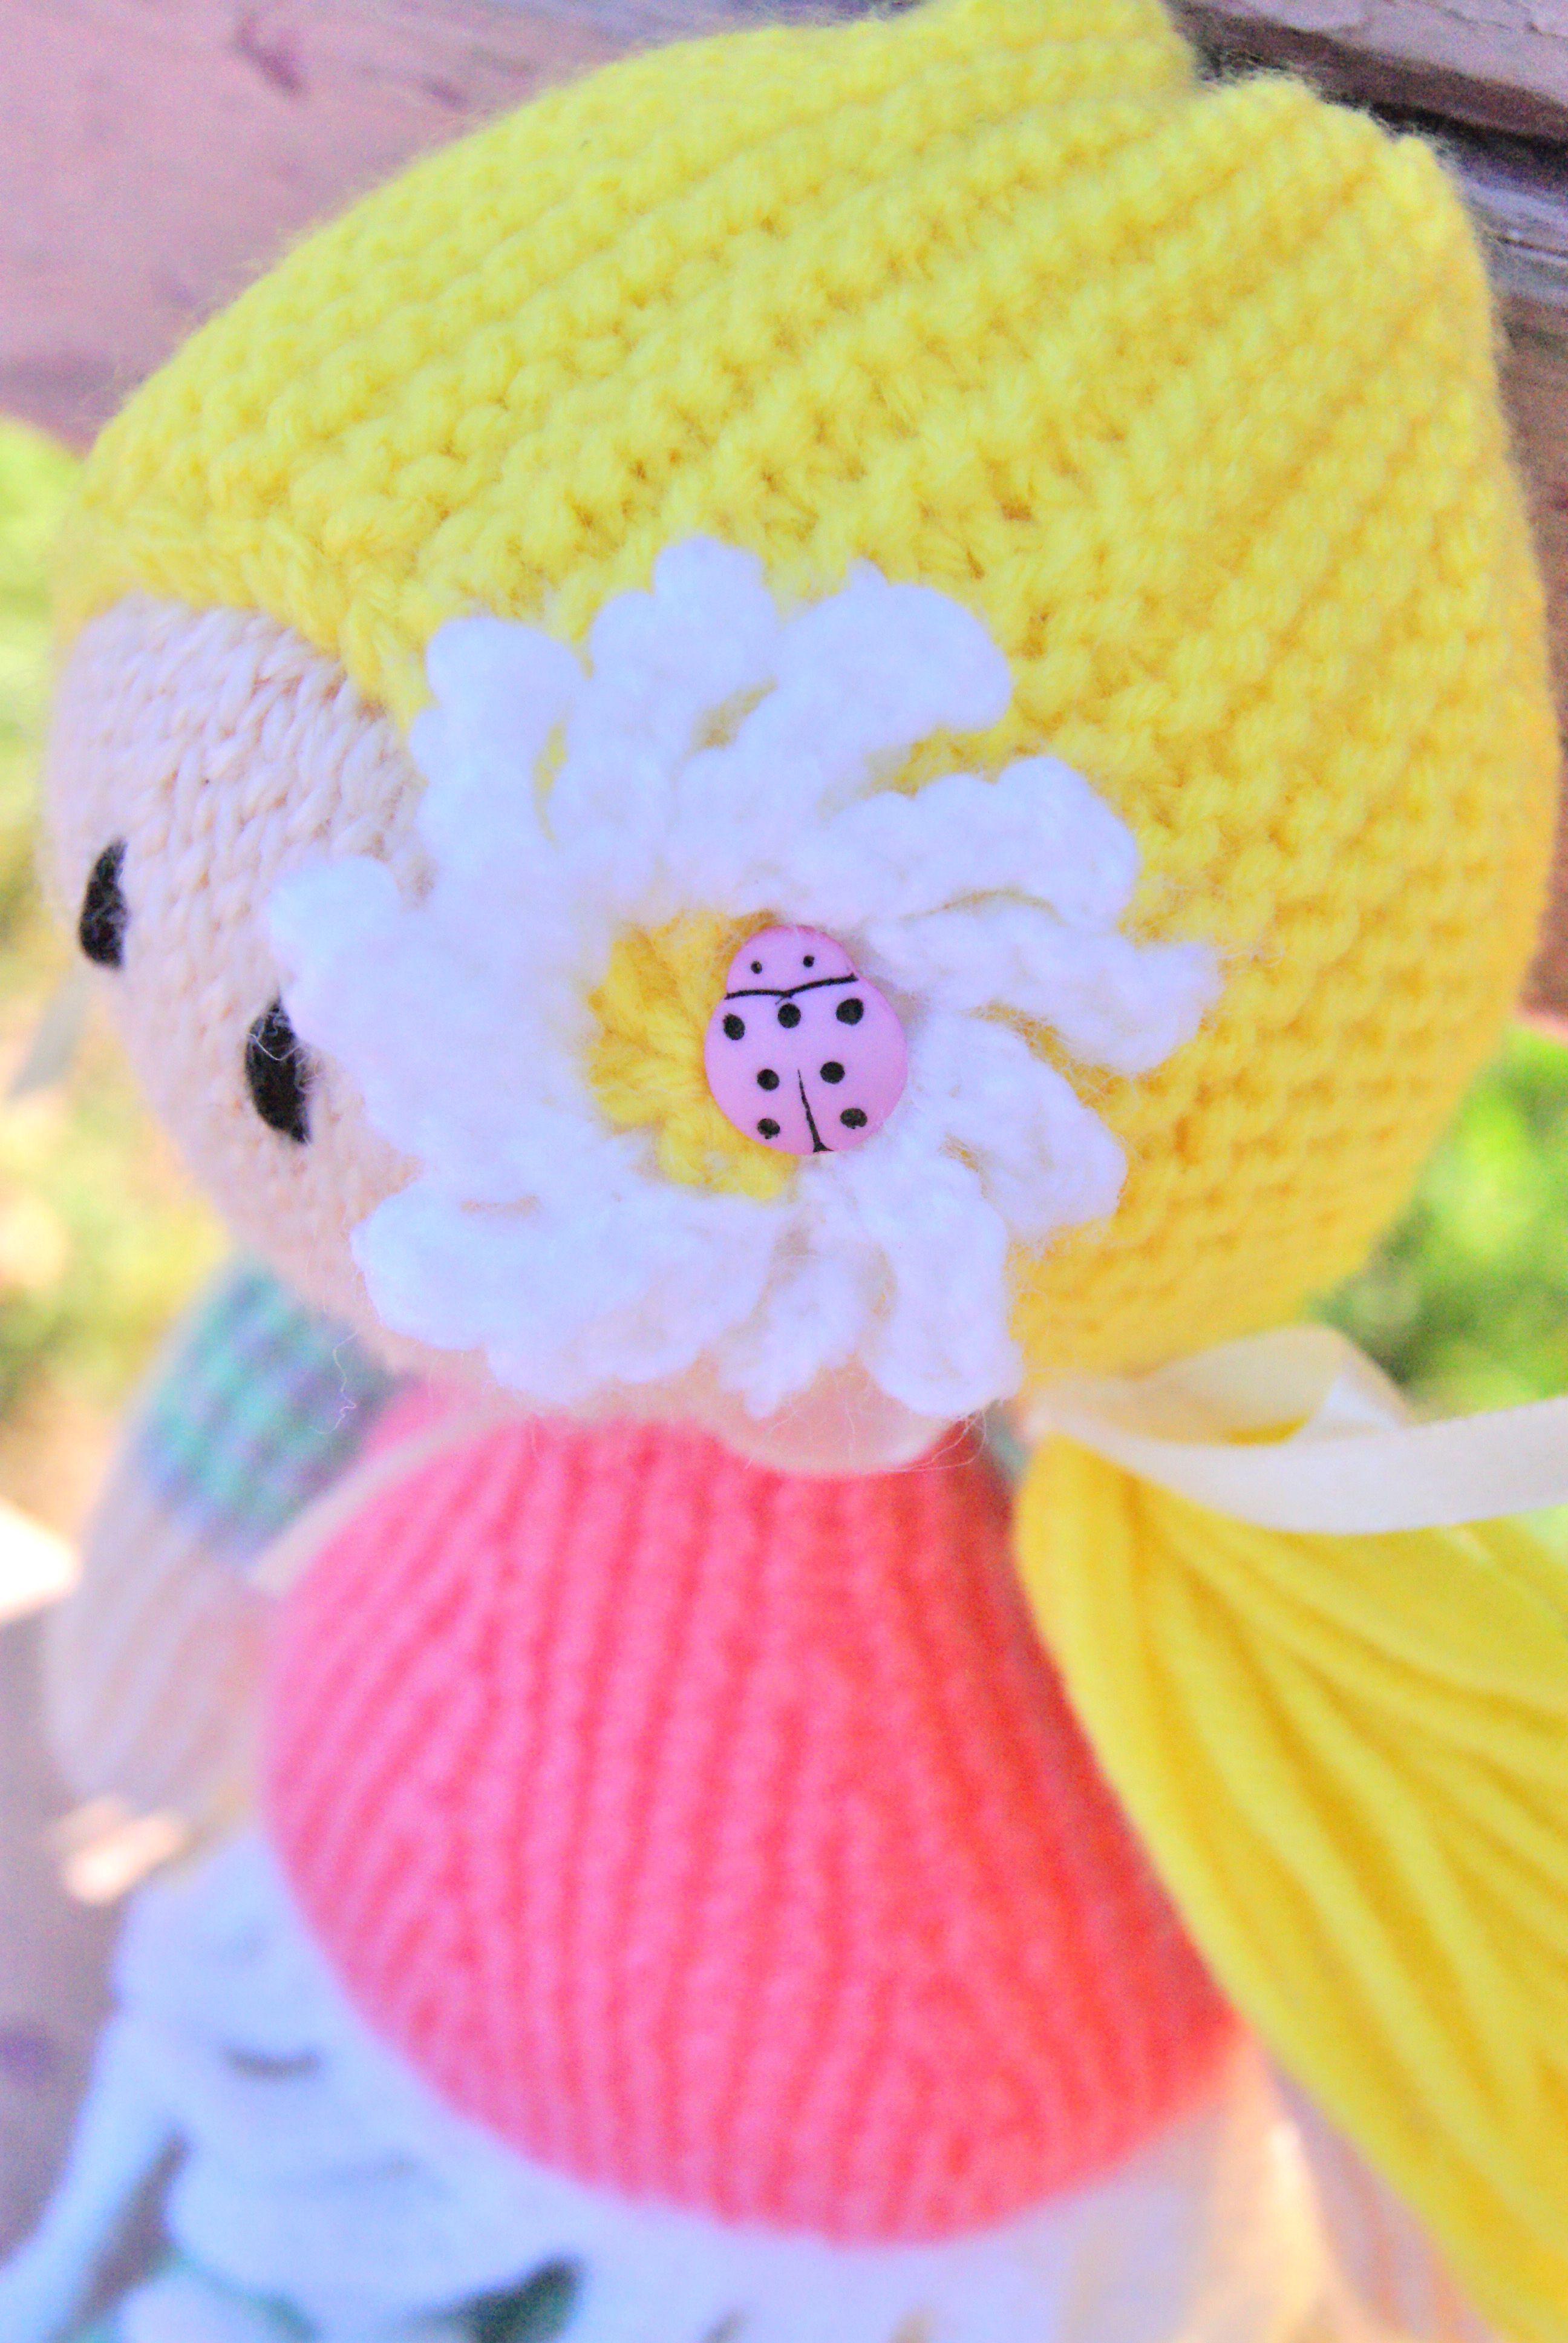 вязаниеназаказ вяжуназаказ кукла куколка девочкам вязание детям интерьернаякукла интерьернаяигрушка подарок